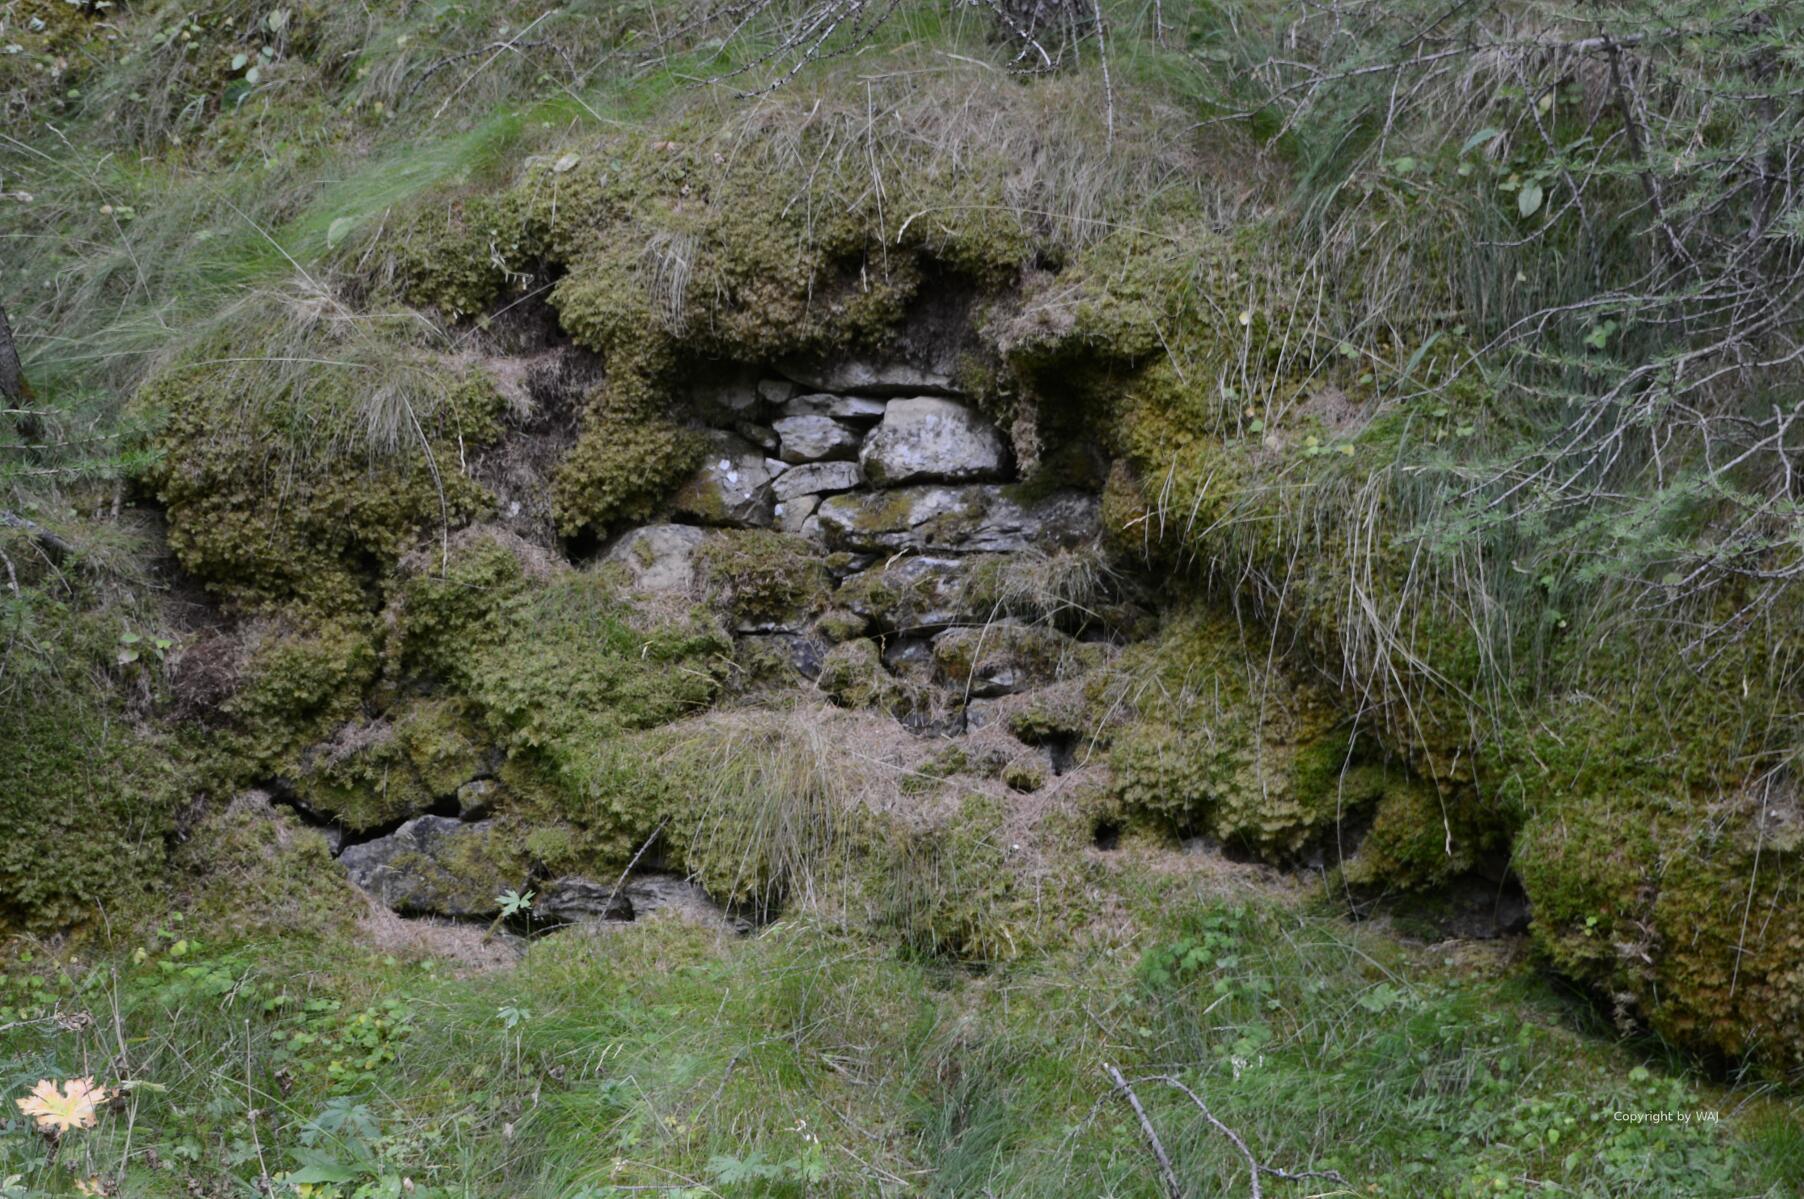 Die Natur erobert das Fort zurück...